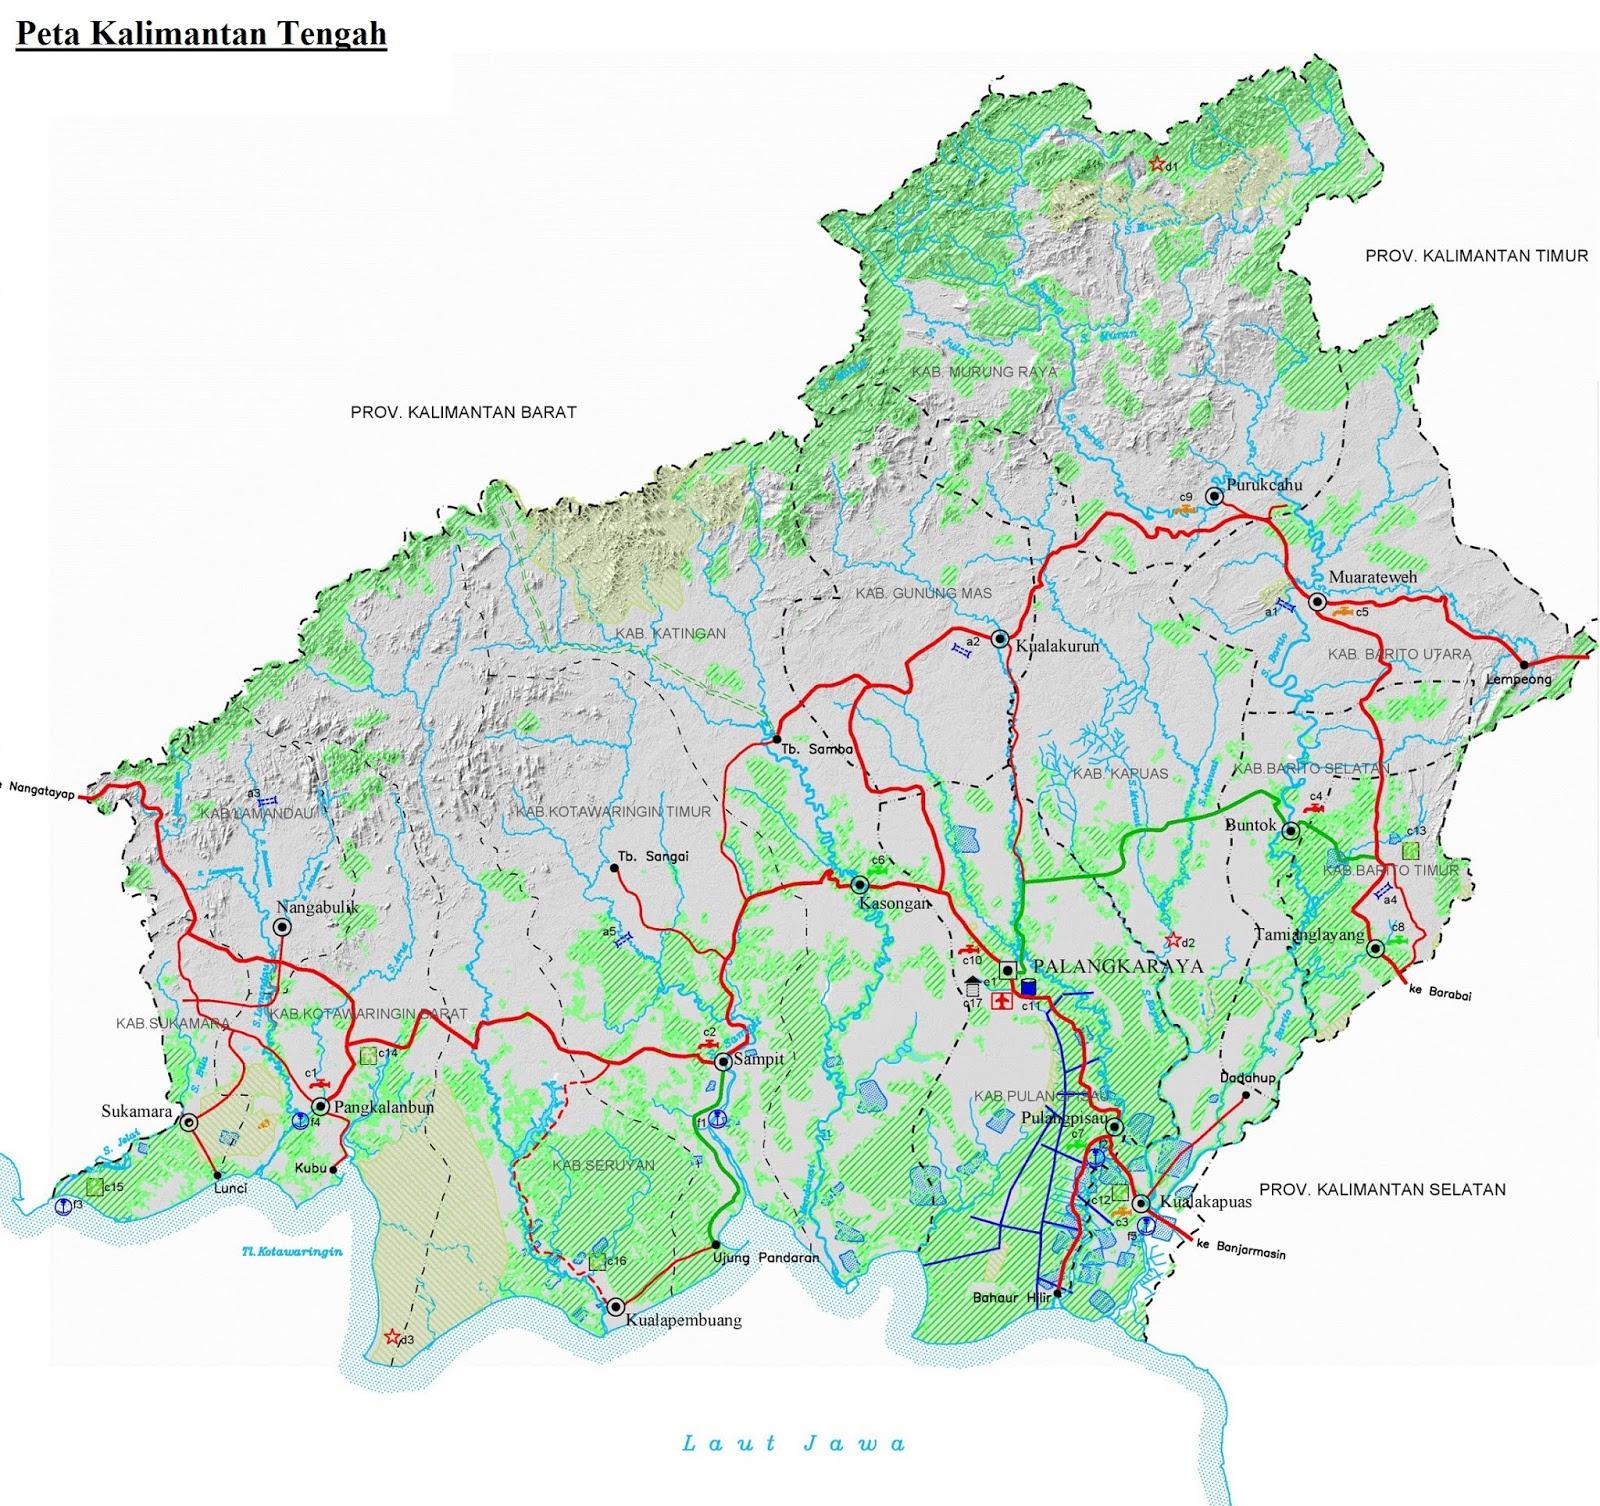 Peta Kalimantan Tengah HD